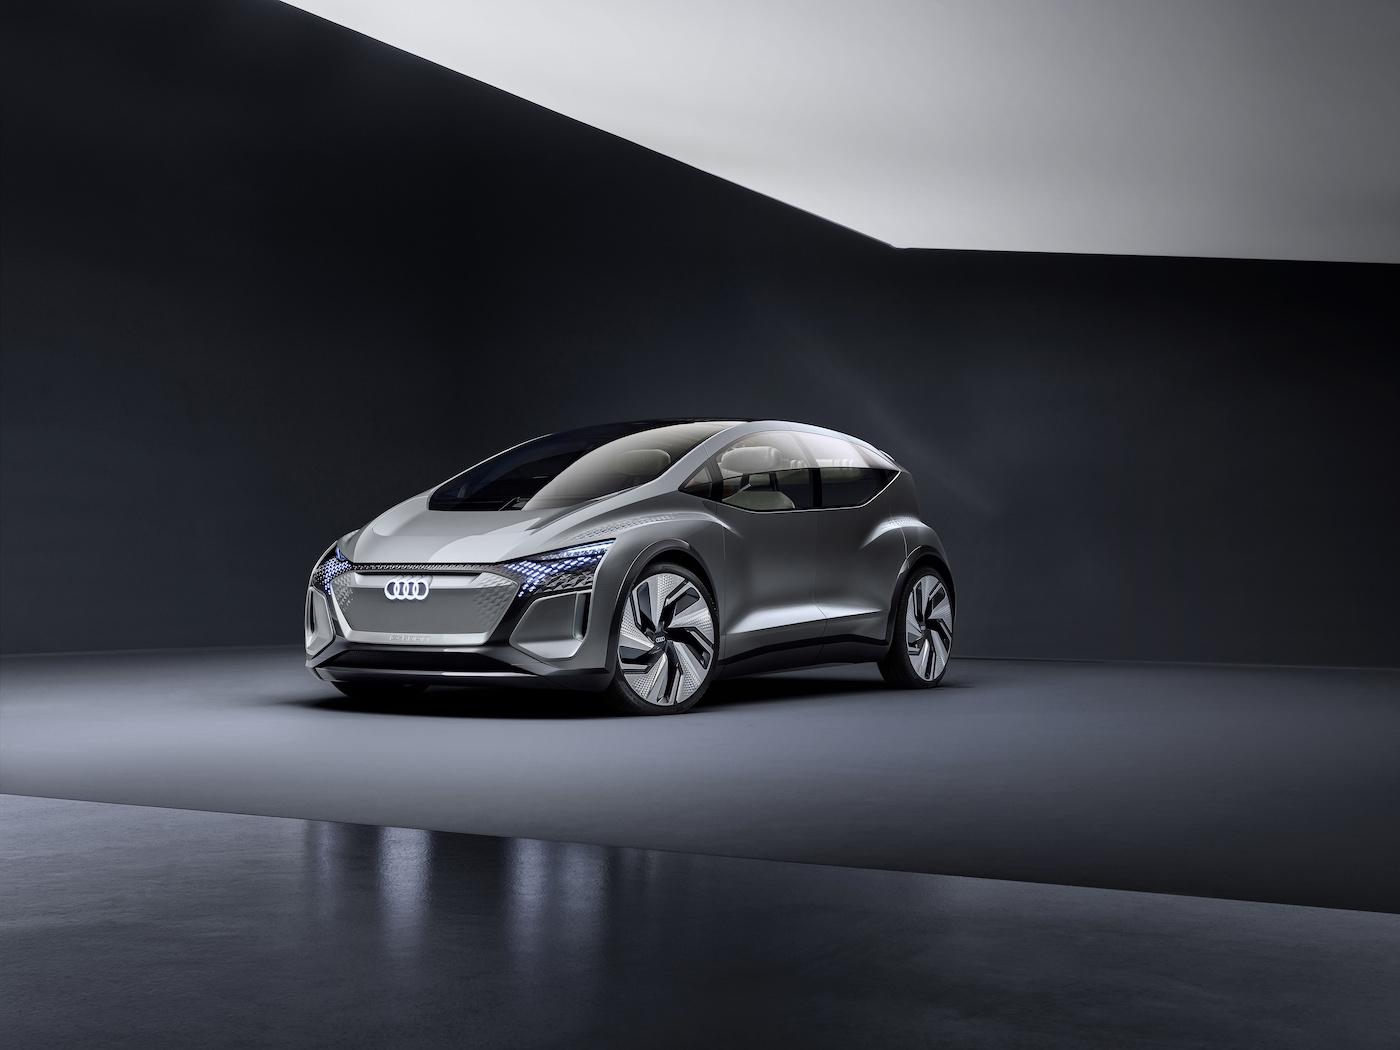 Der kompakte Audi der Zukunft: Das ist der Audi AI:ME 1